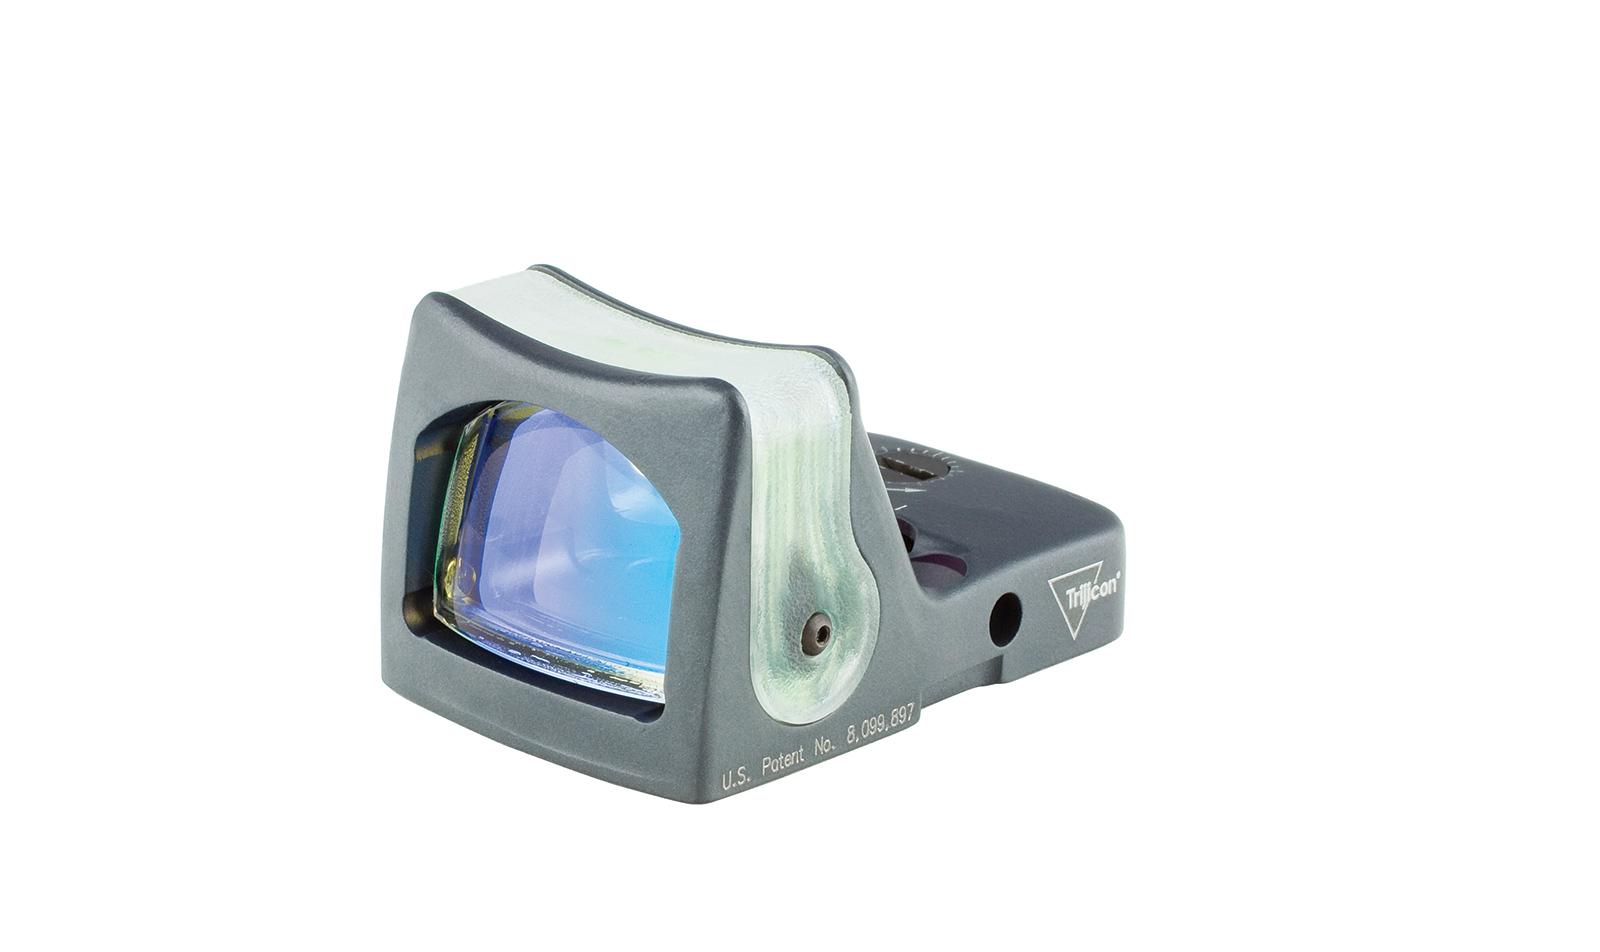 RM05-C-700208 angle 1